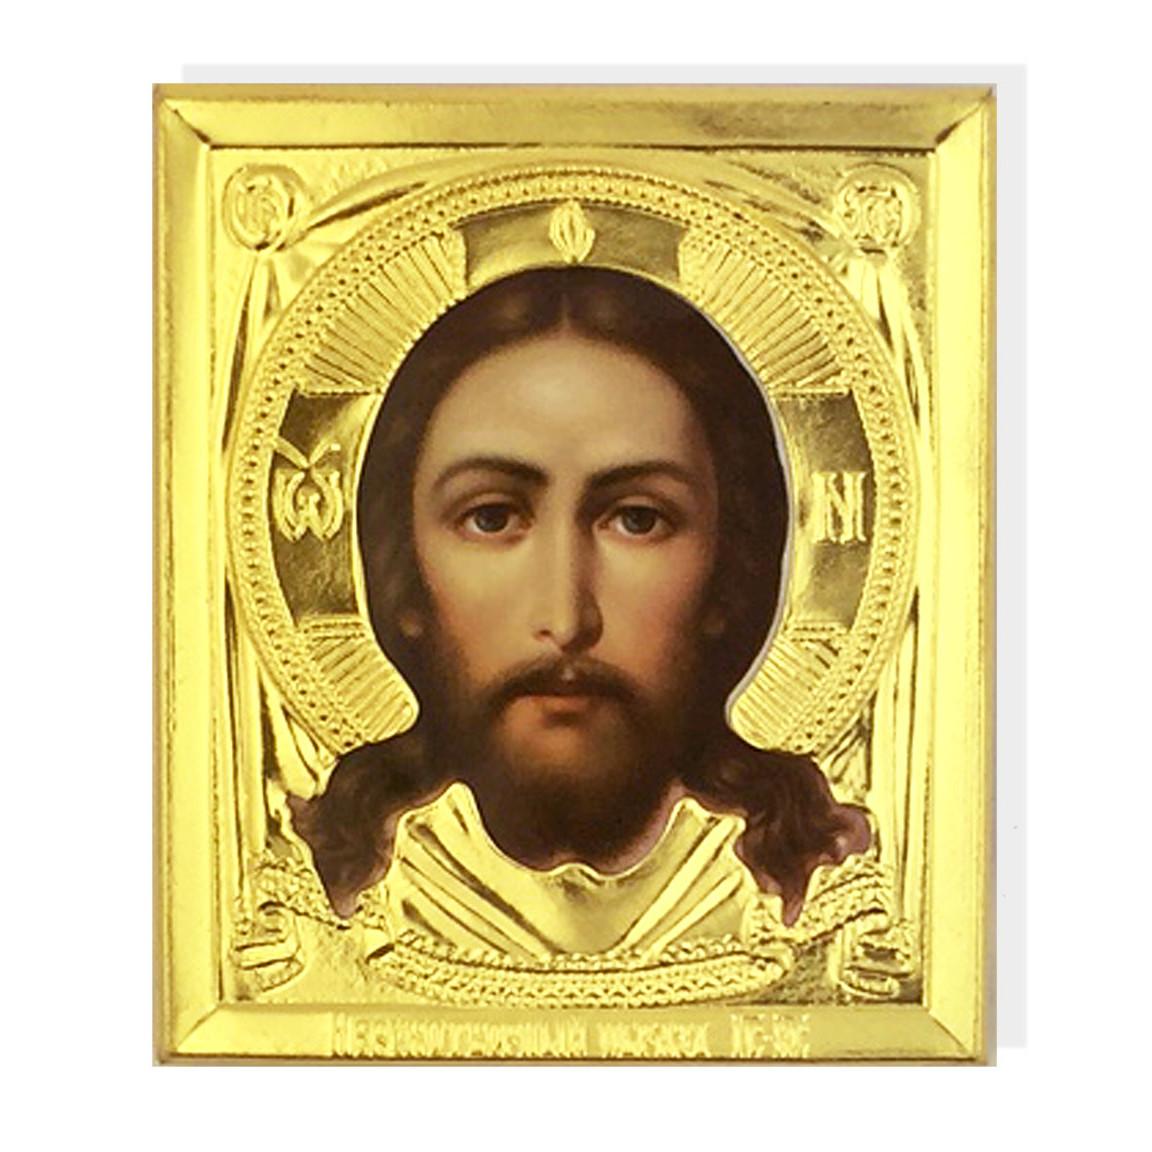 8 KALEIDOSCOPIC VIEWS OF JESUS CHRIST